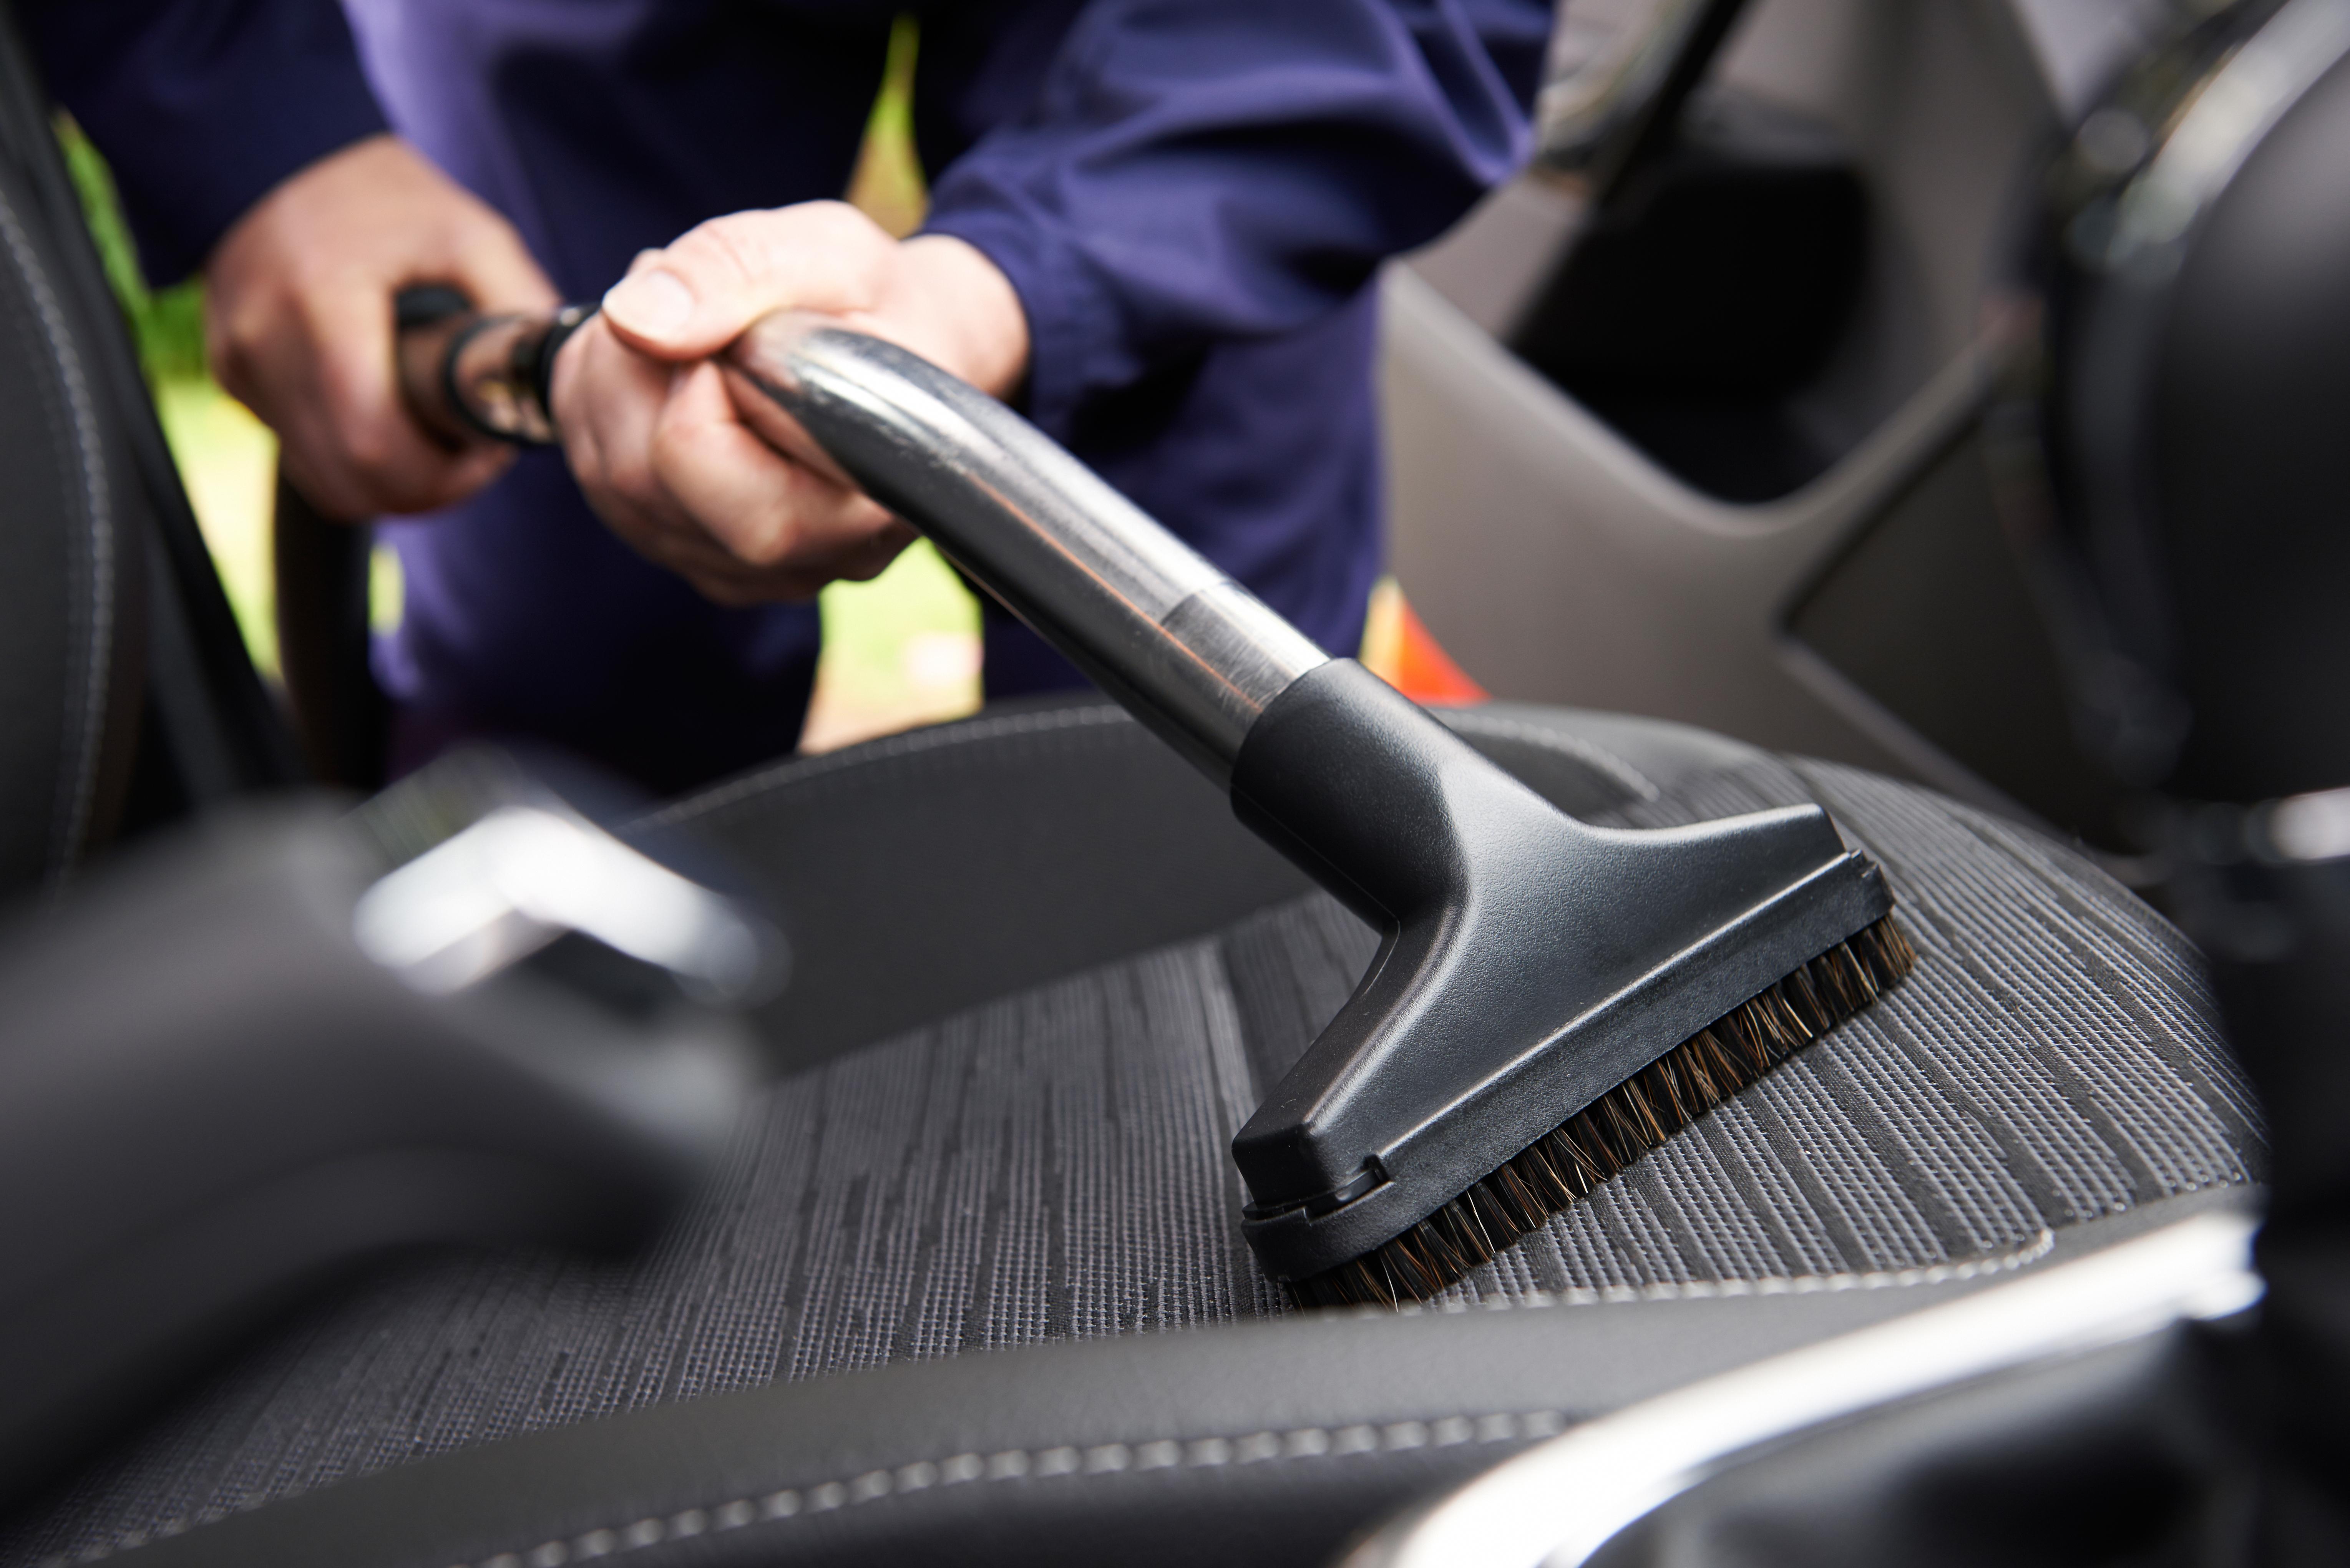 Los 5 Típicos pasos que deberíamos seguir para dejar el coche como nuevo y no volver a lavarlo en un mes